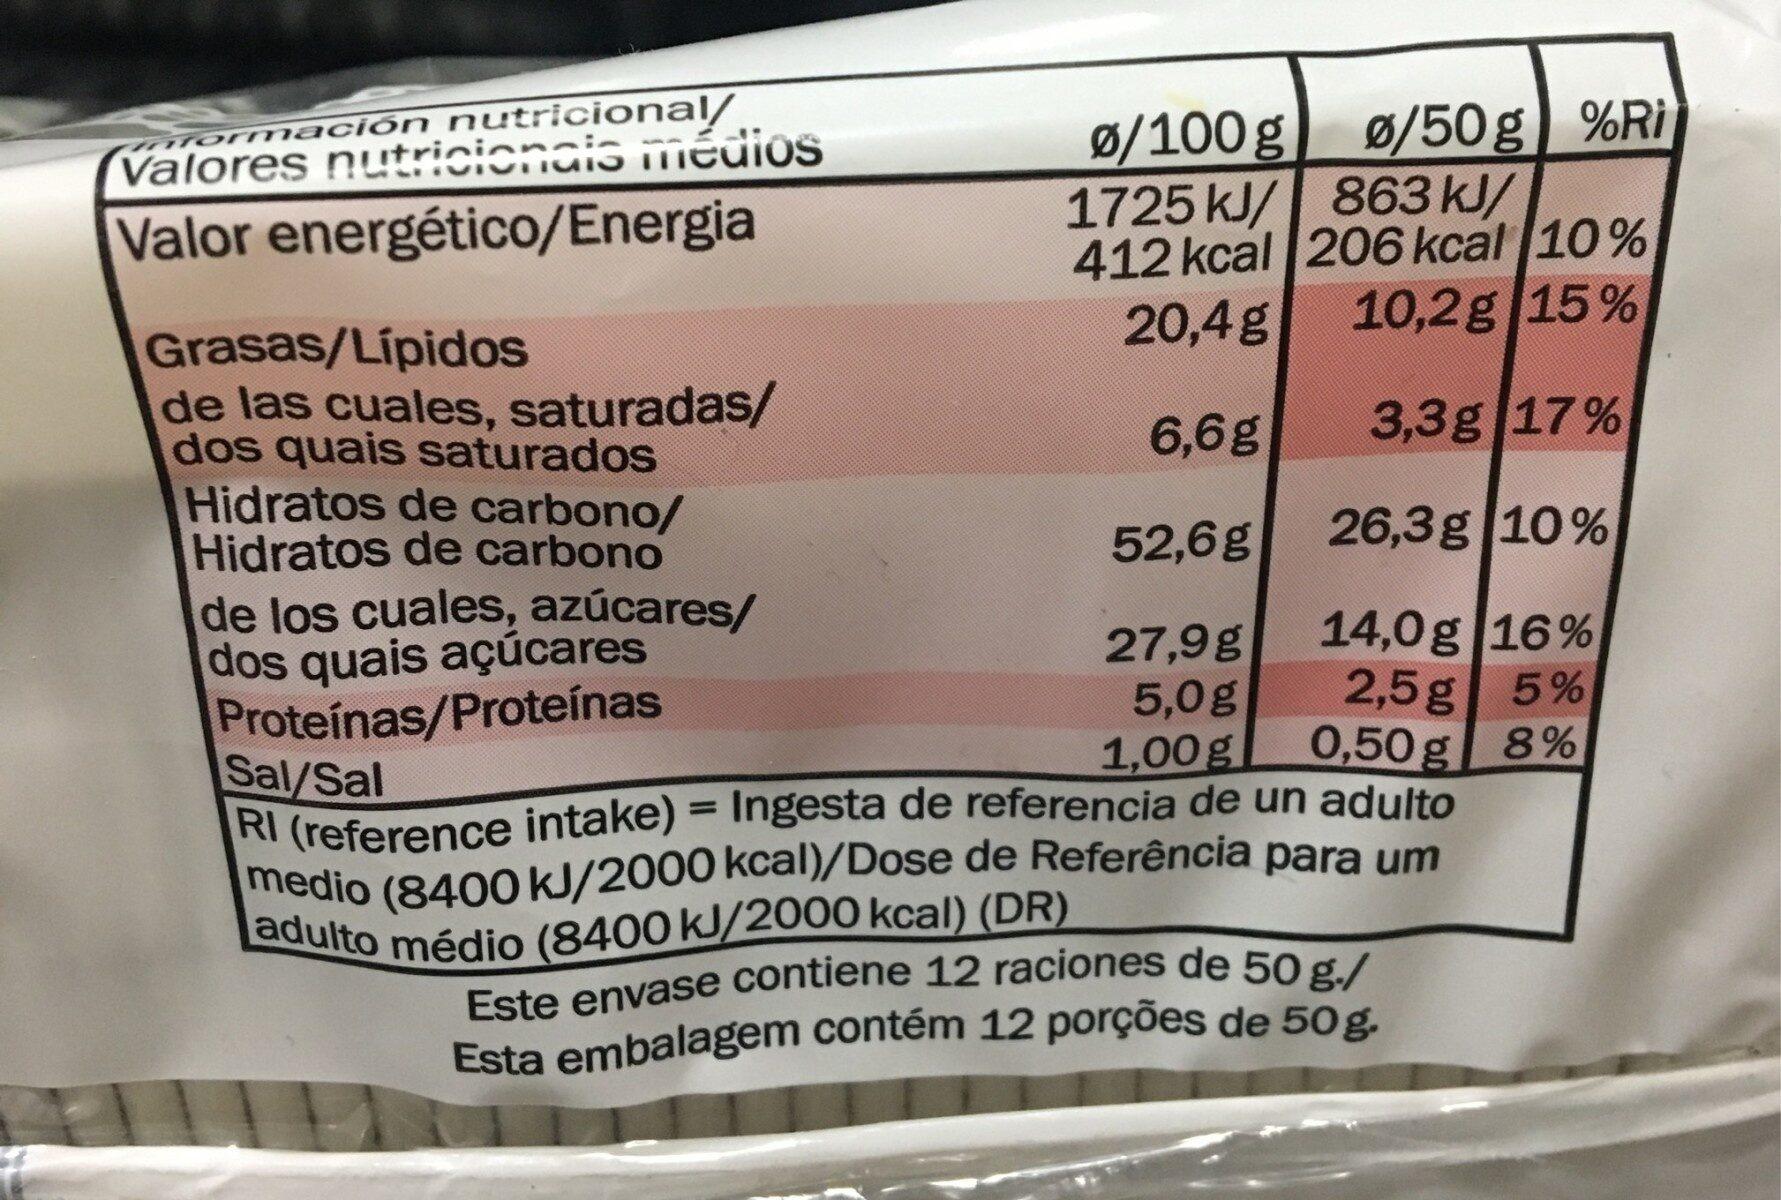 Bizcocho con crujiente de avellanas - Informació nutricional - es